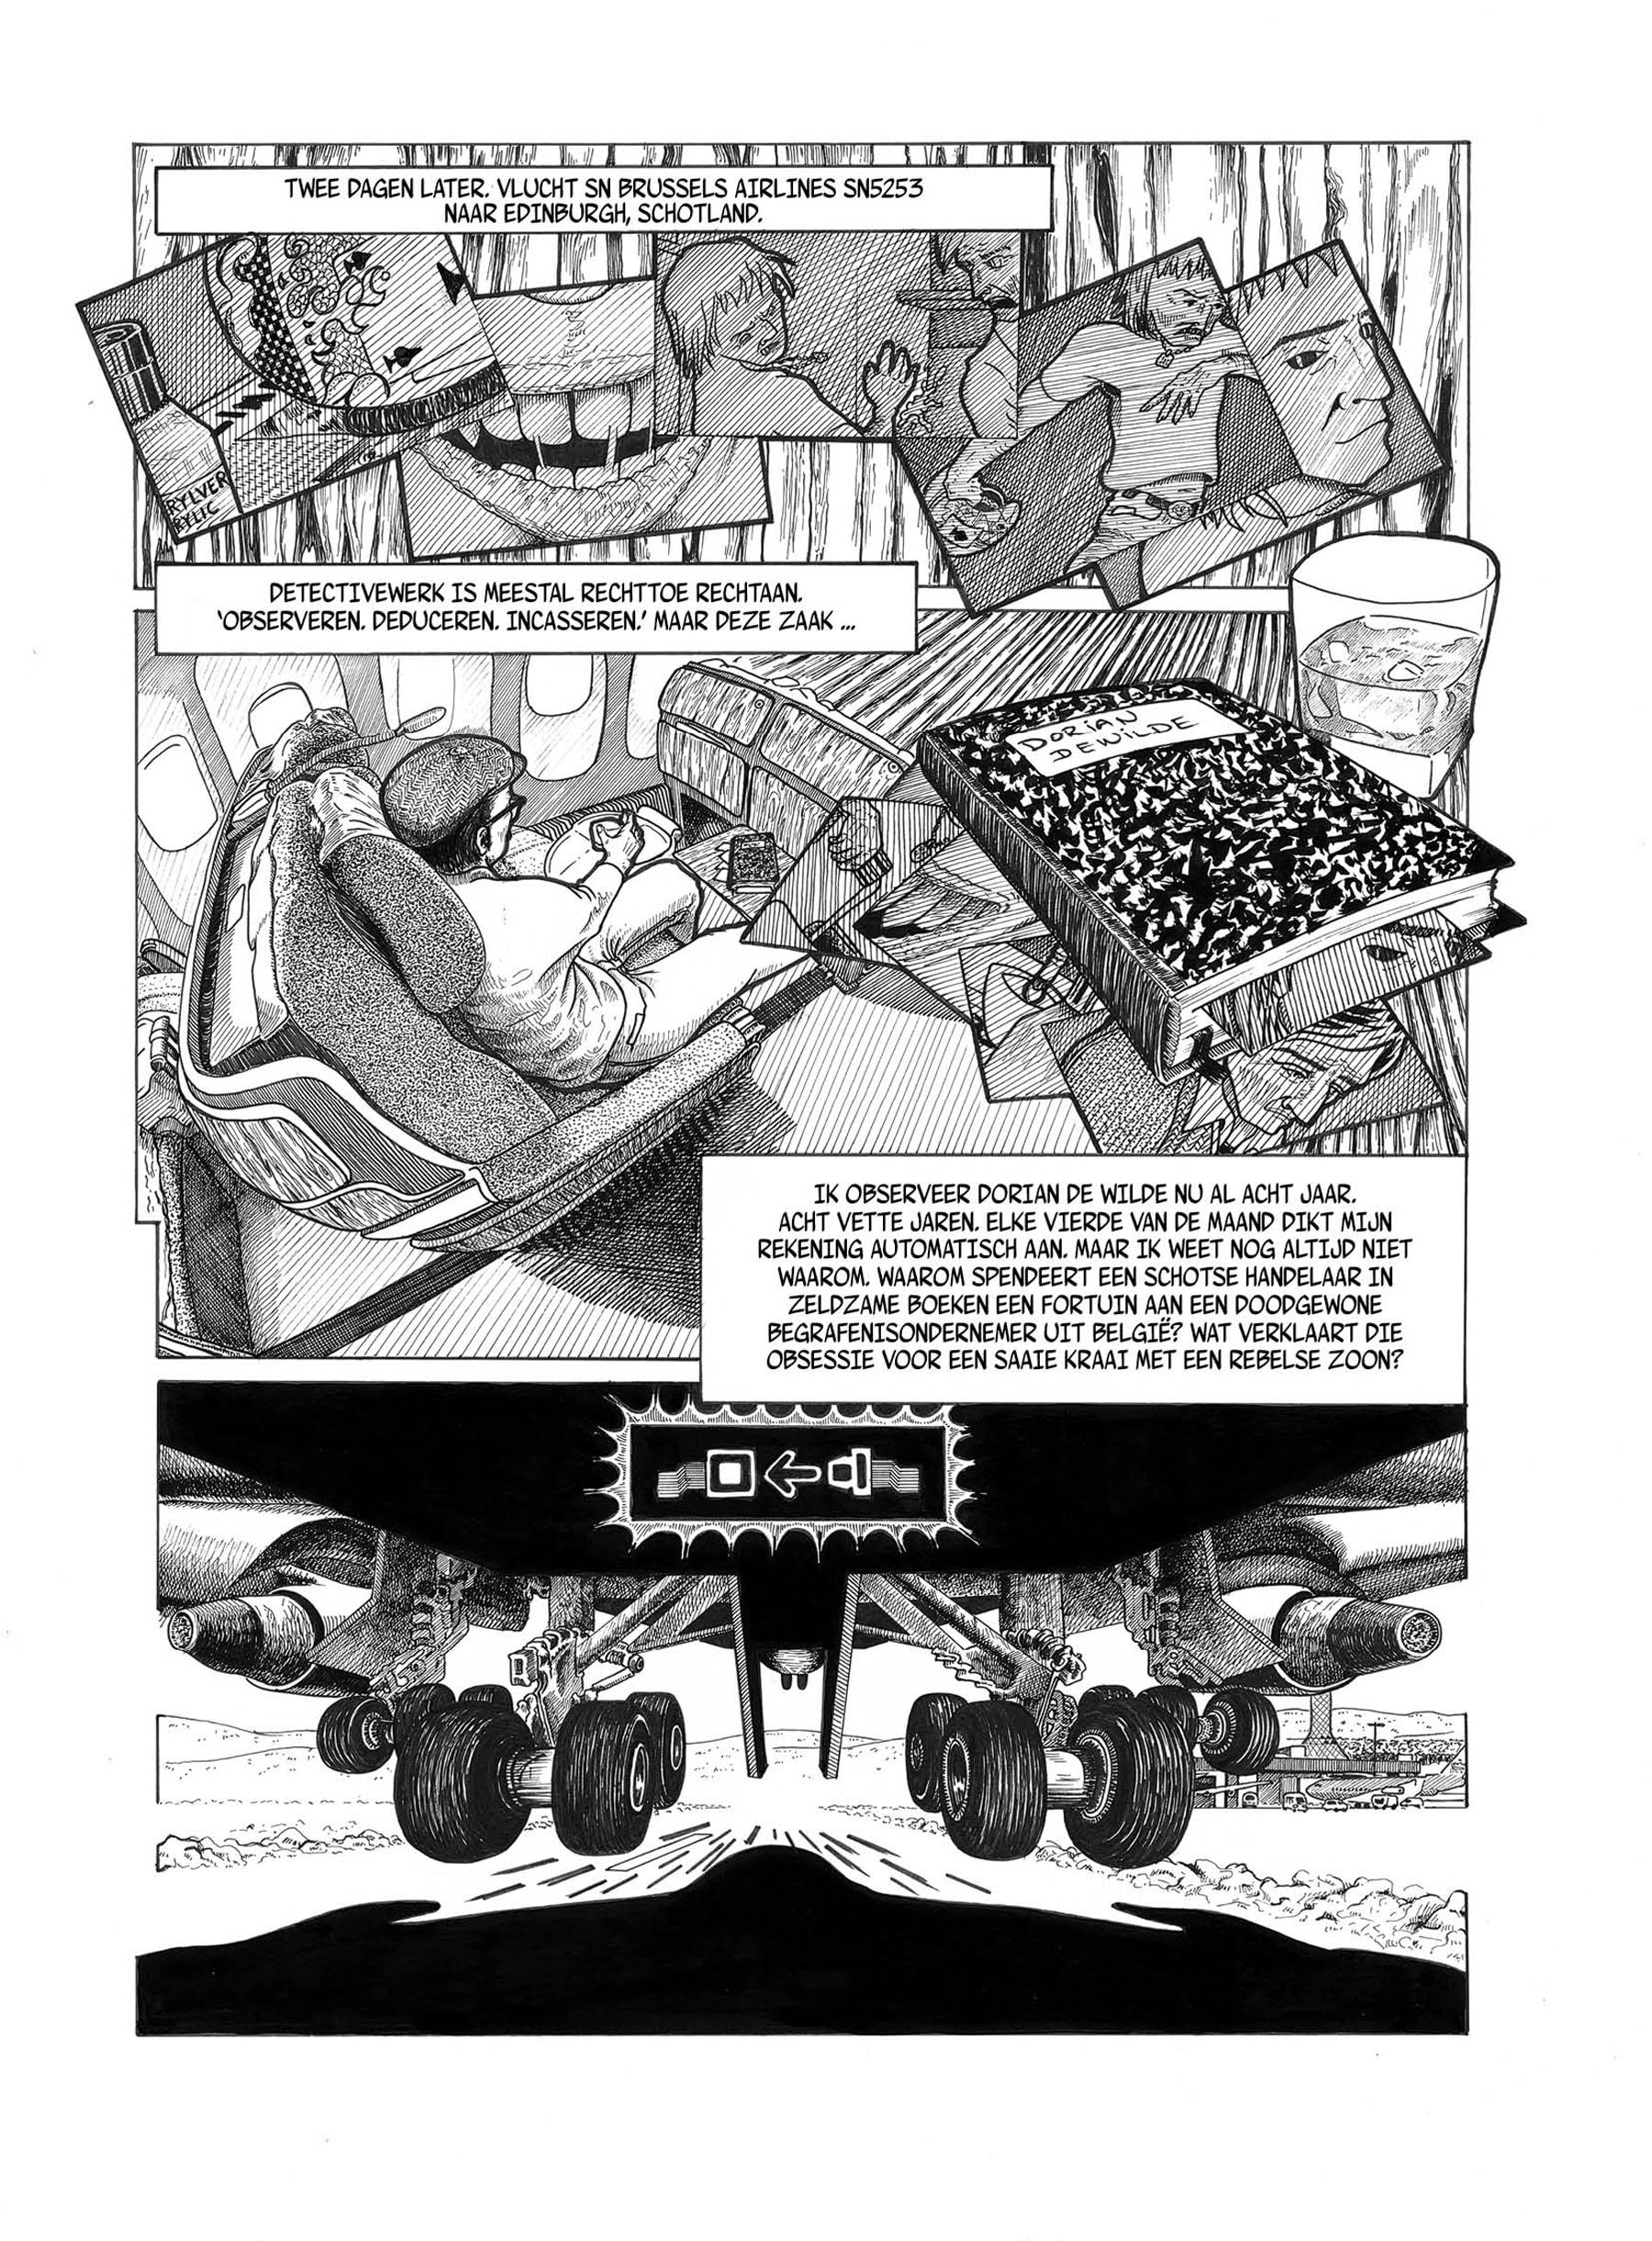 Detail afbeelding 8 van Meester Van De Klokken | Ontwerp door Stefaan Beeckaert